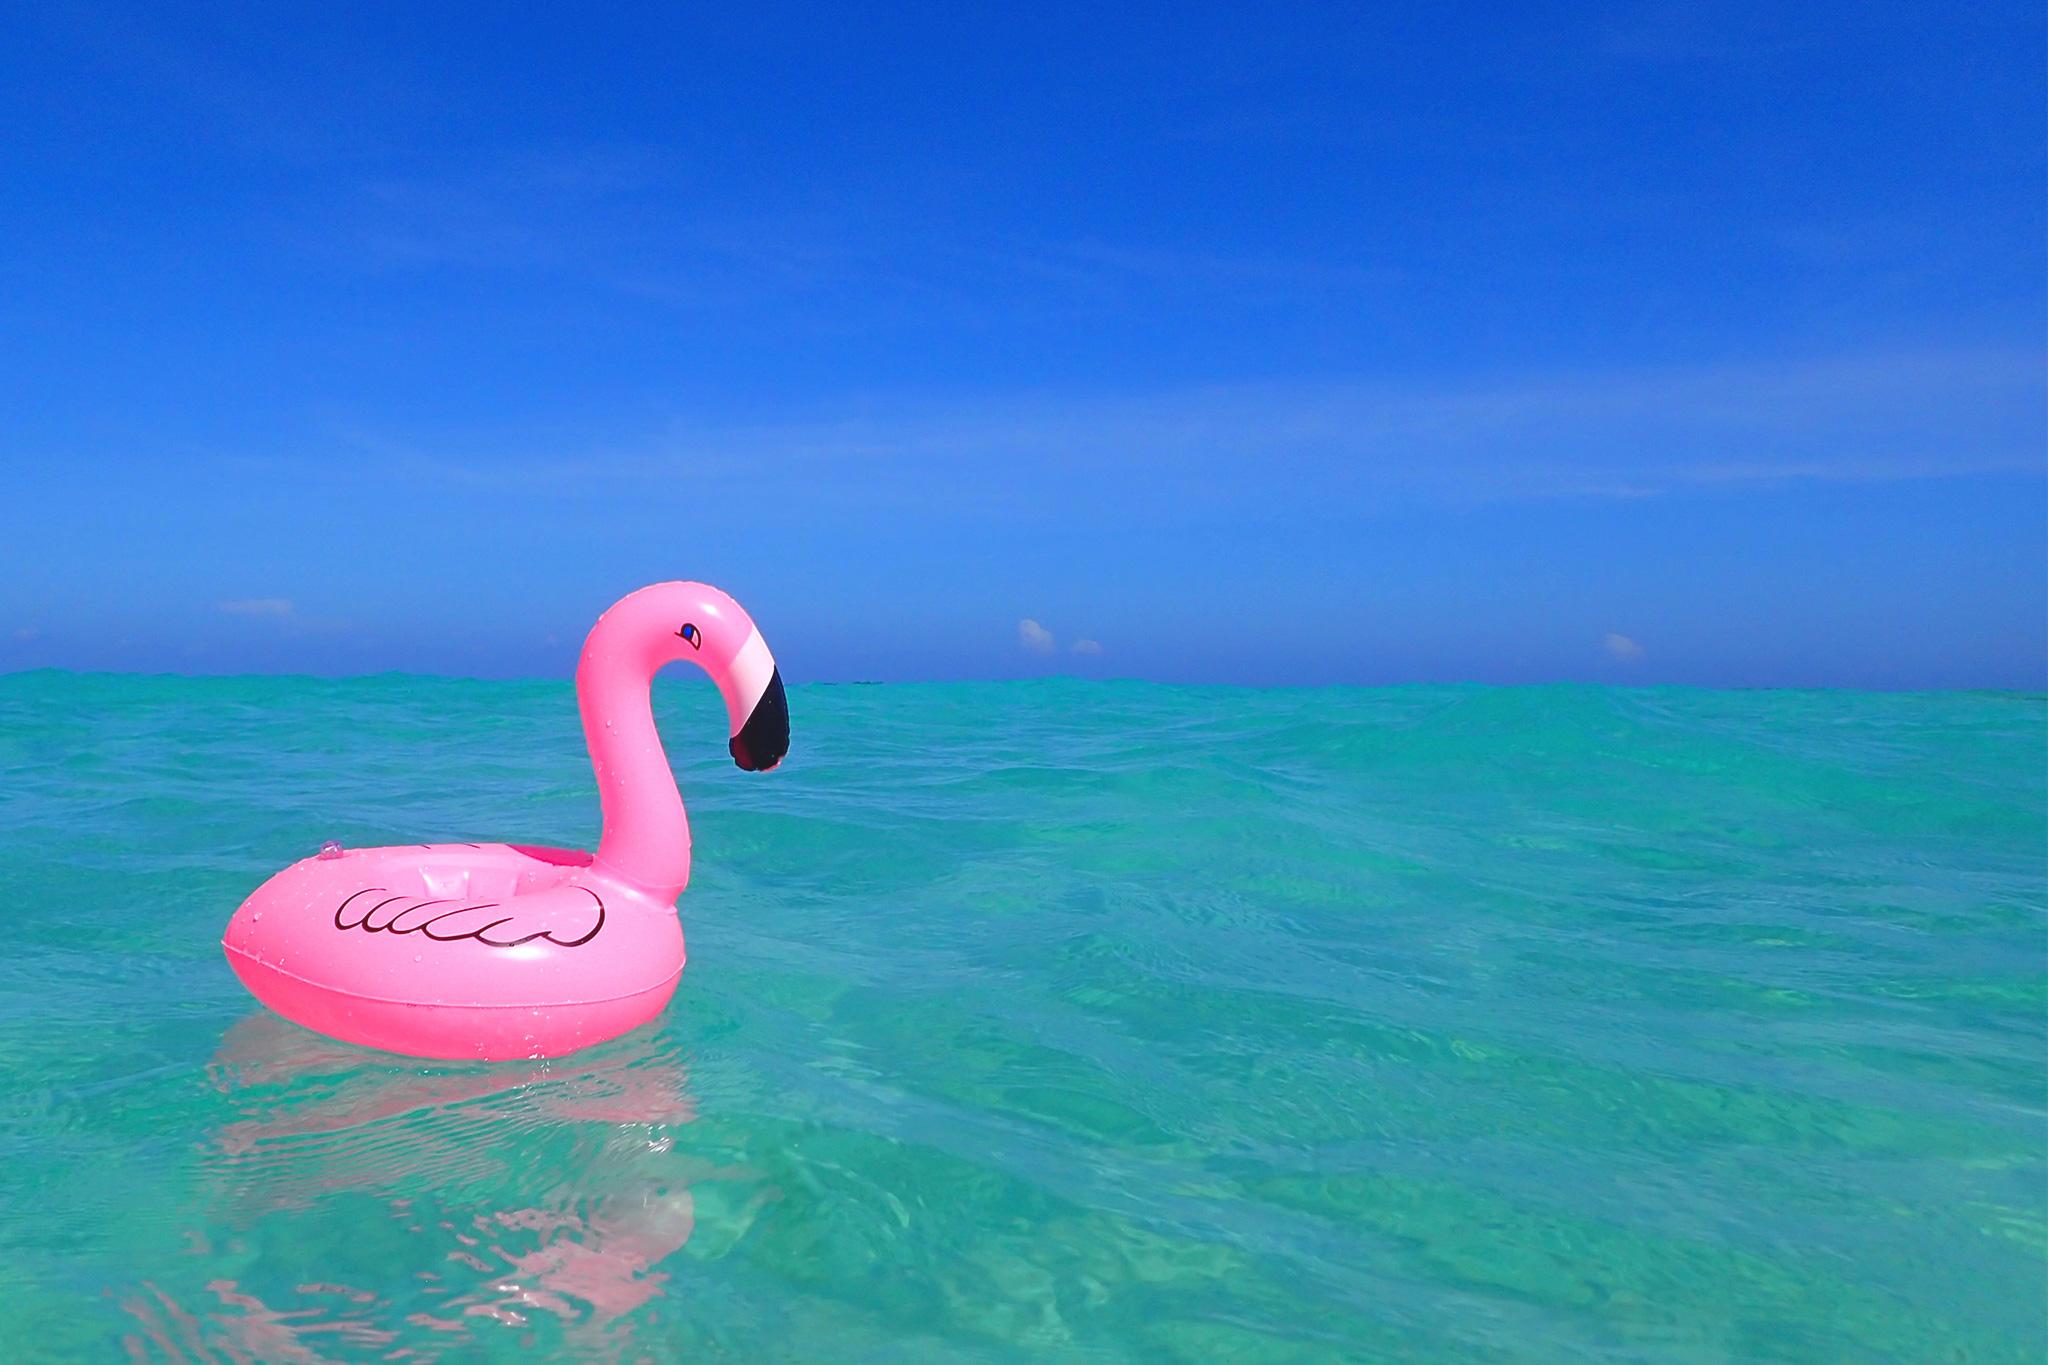 ため息が出るほど美しい海にピンクが映えるフラミンゴのドリンク